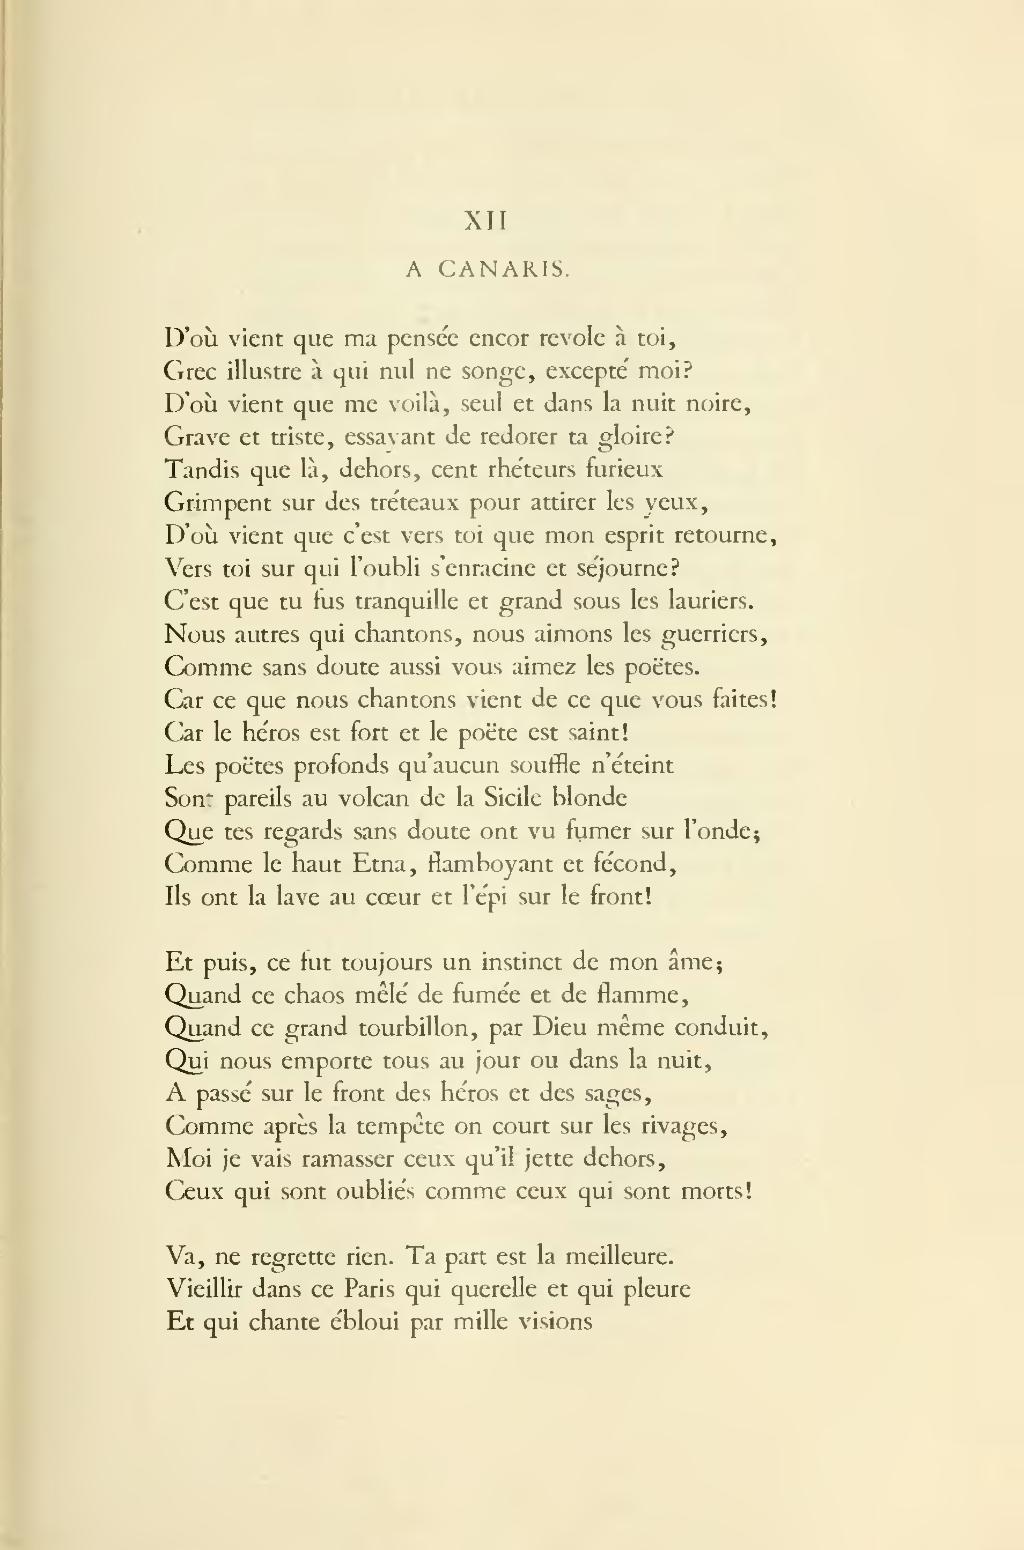 poesie querelle